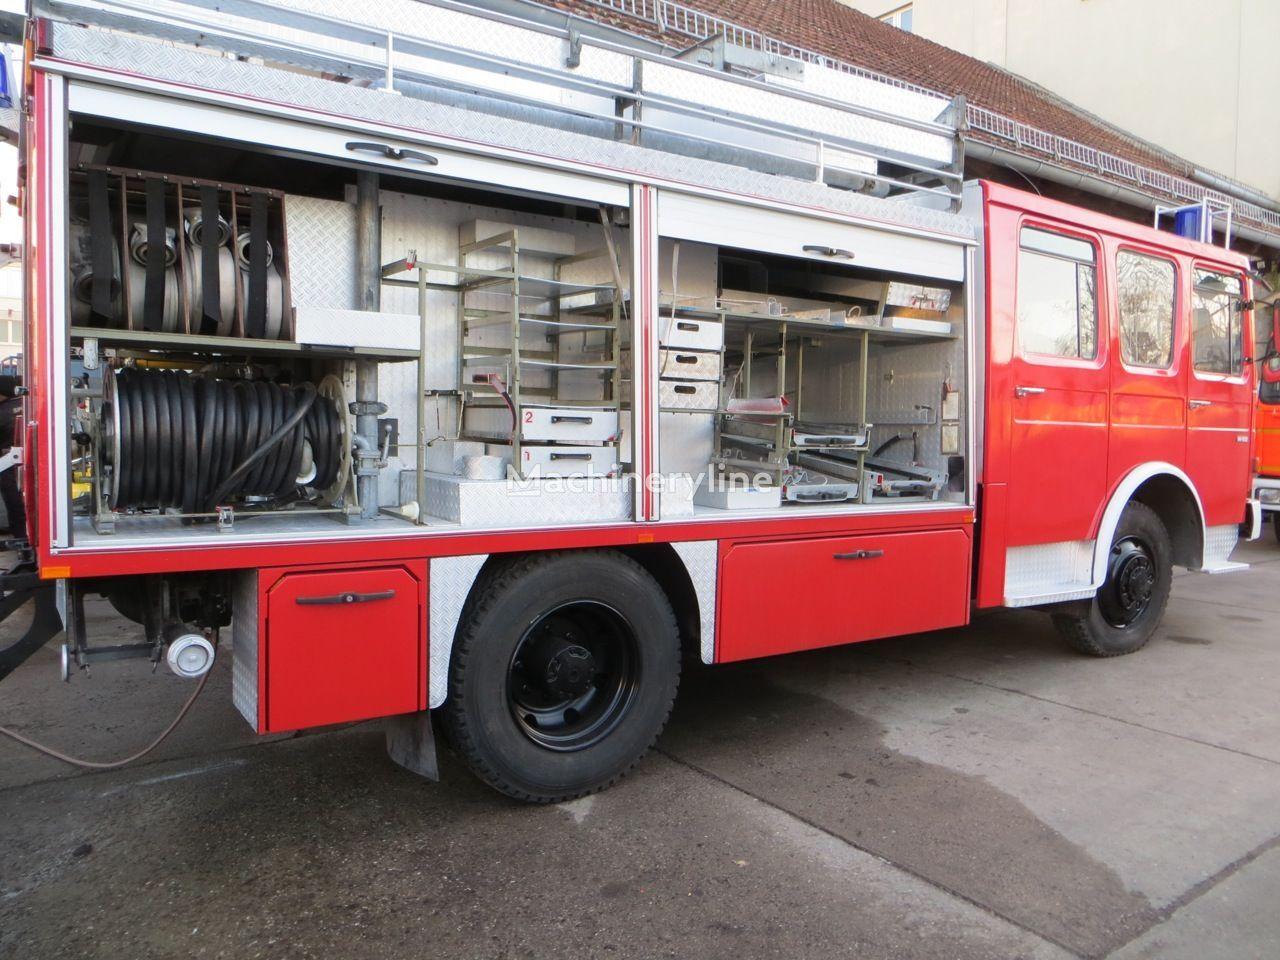 Venta de camiones de bomberos man 4x4 mit for Cabina del mulino del dennis